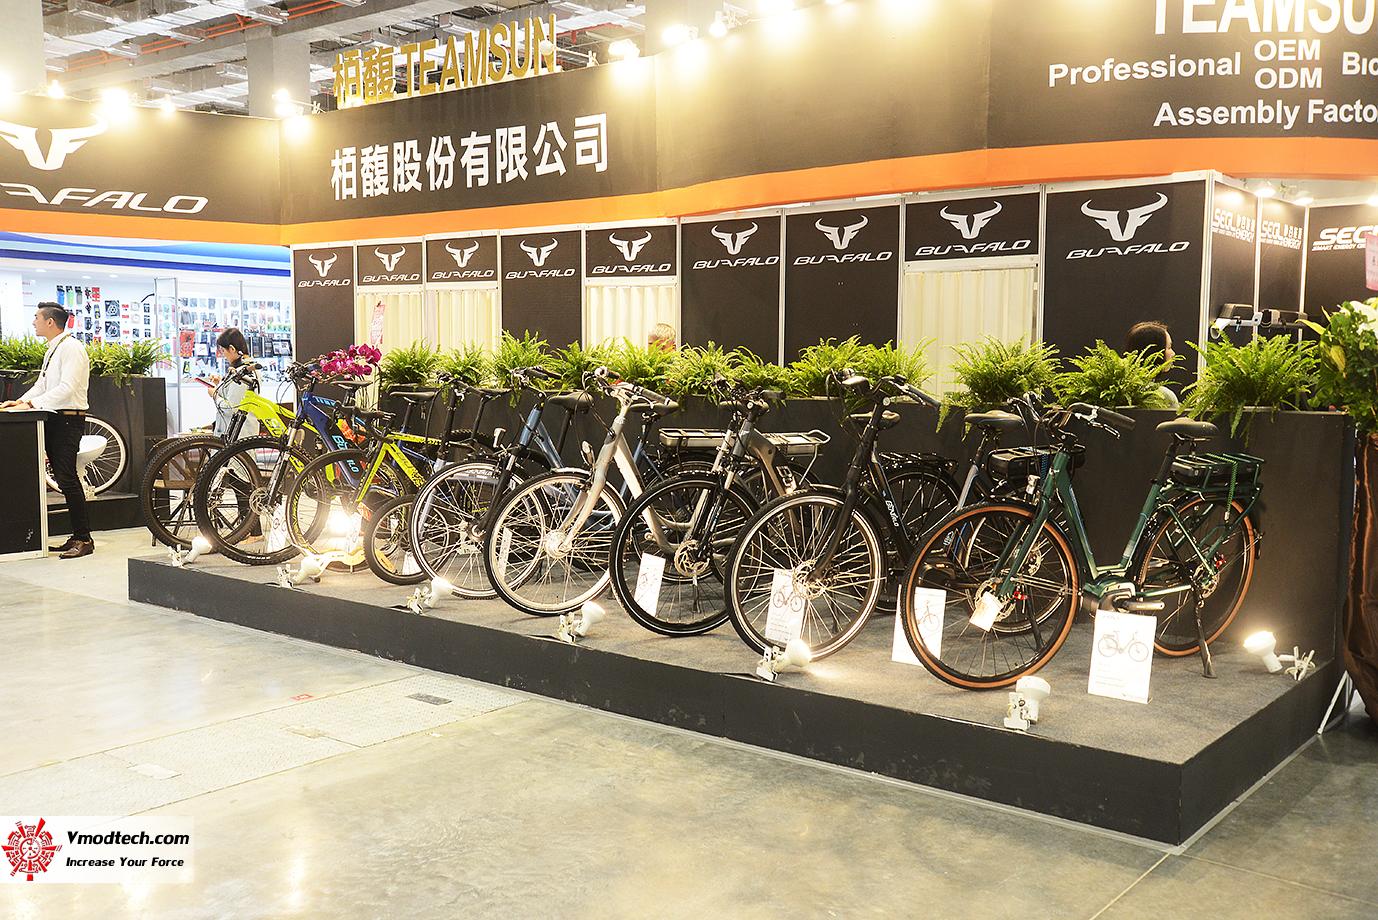 dsc 9266 เยี่ยมชมงาน TAIPEI CYCLE 2019 งานของคนรักจักรยาน ณ กรุงไทเป ประเทศไต้หวัน